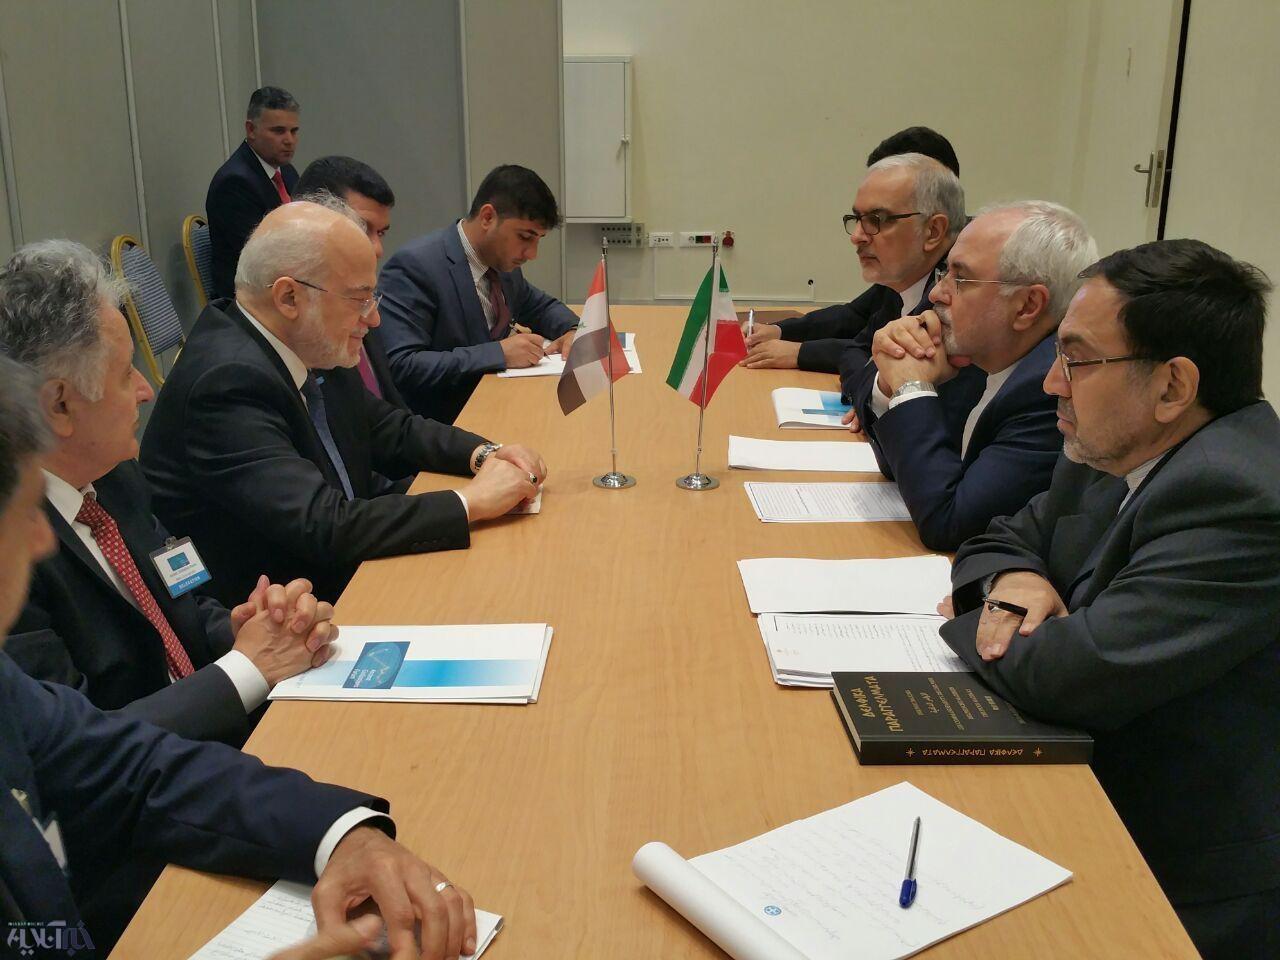 دیدار وزرای خارجه ایران و عراق/عکس